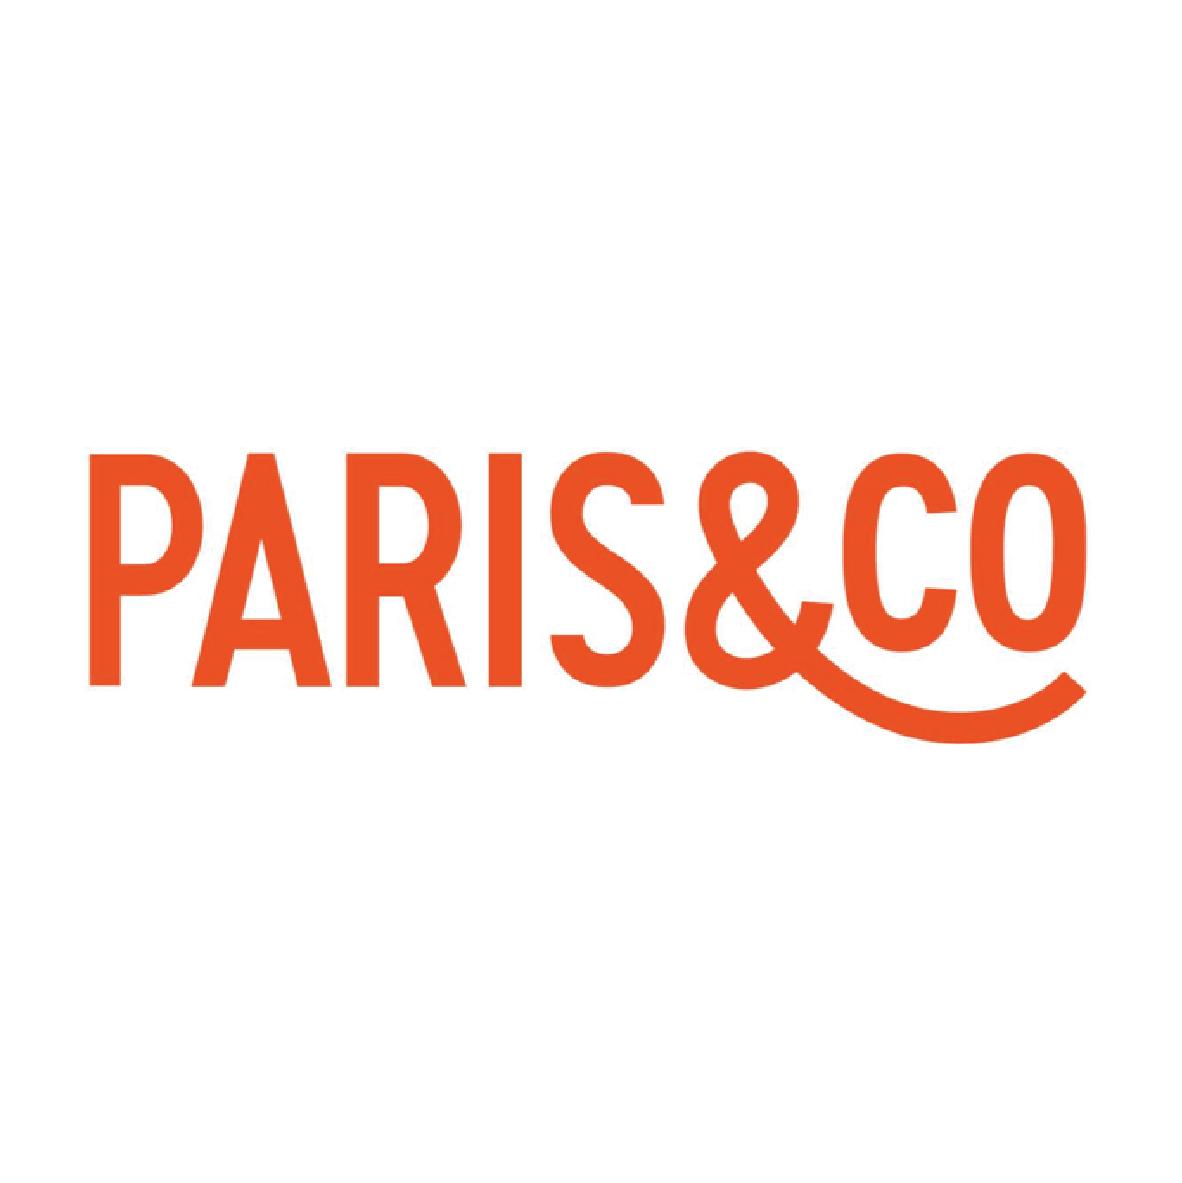 Paris&Co.png